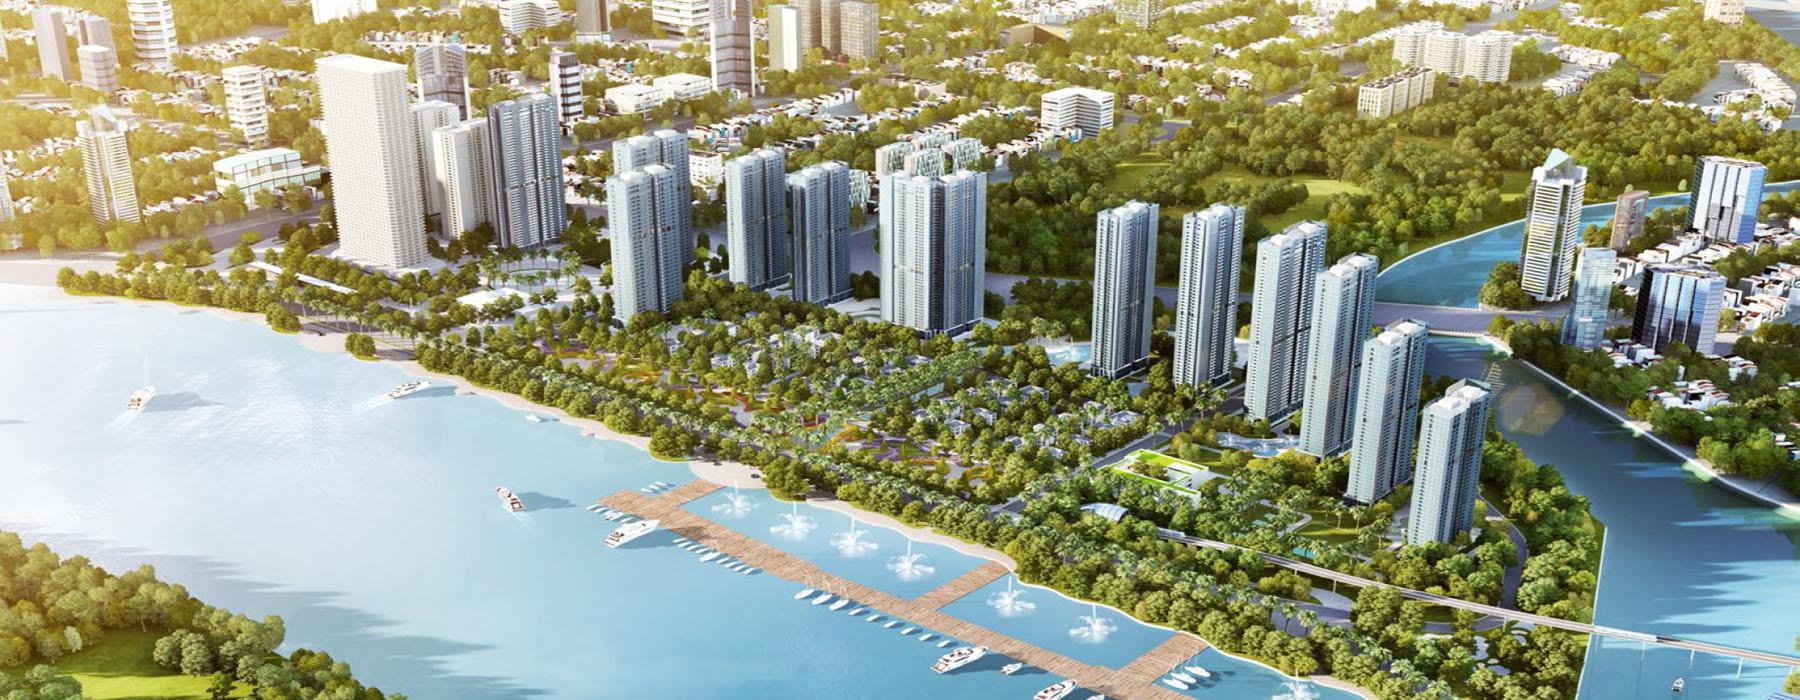 Dự án cao cấp Vinhomes Golden River Ba Son ưu điểm tiện ích